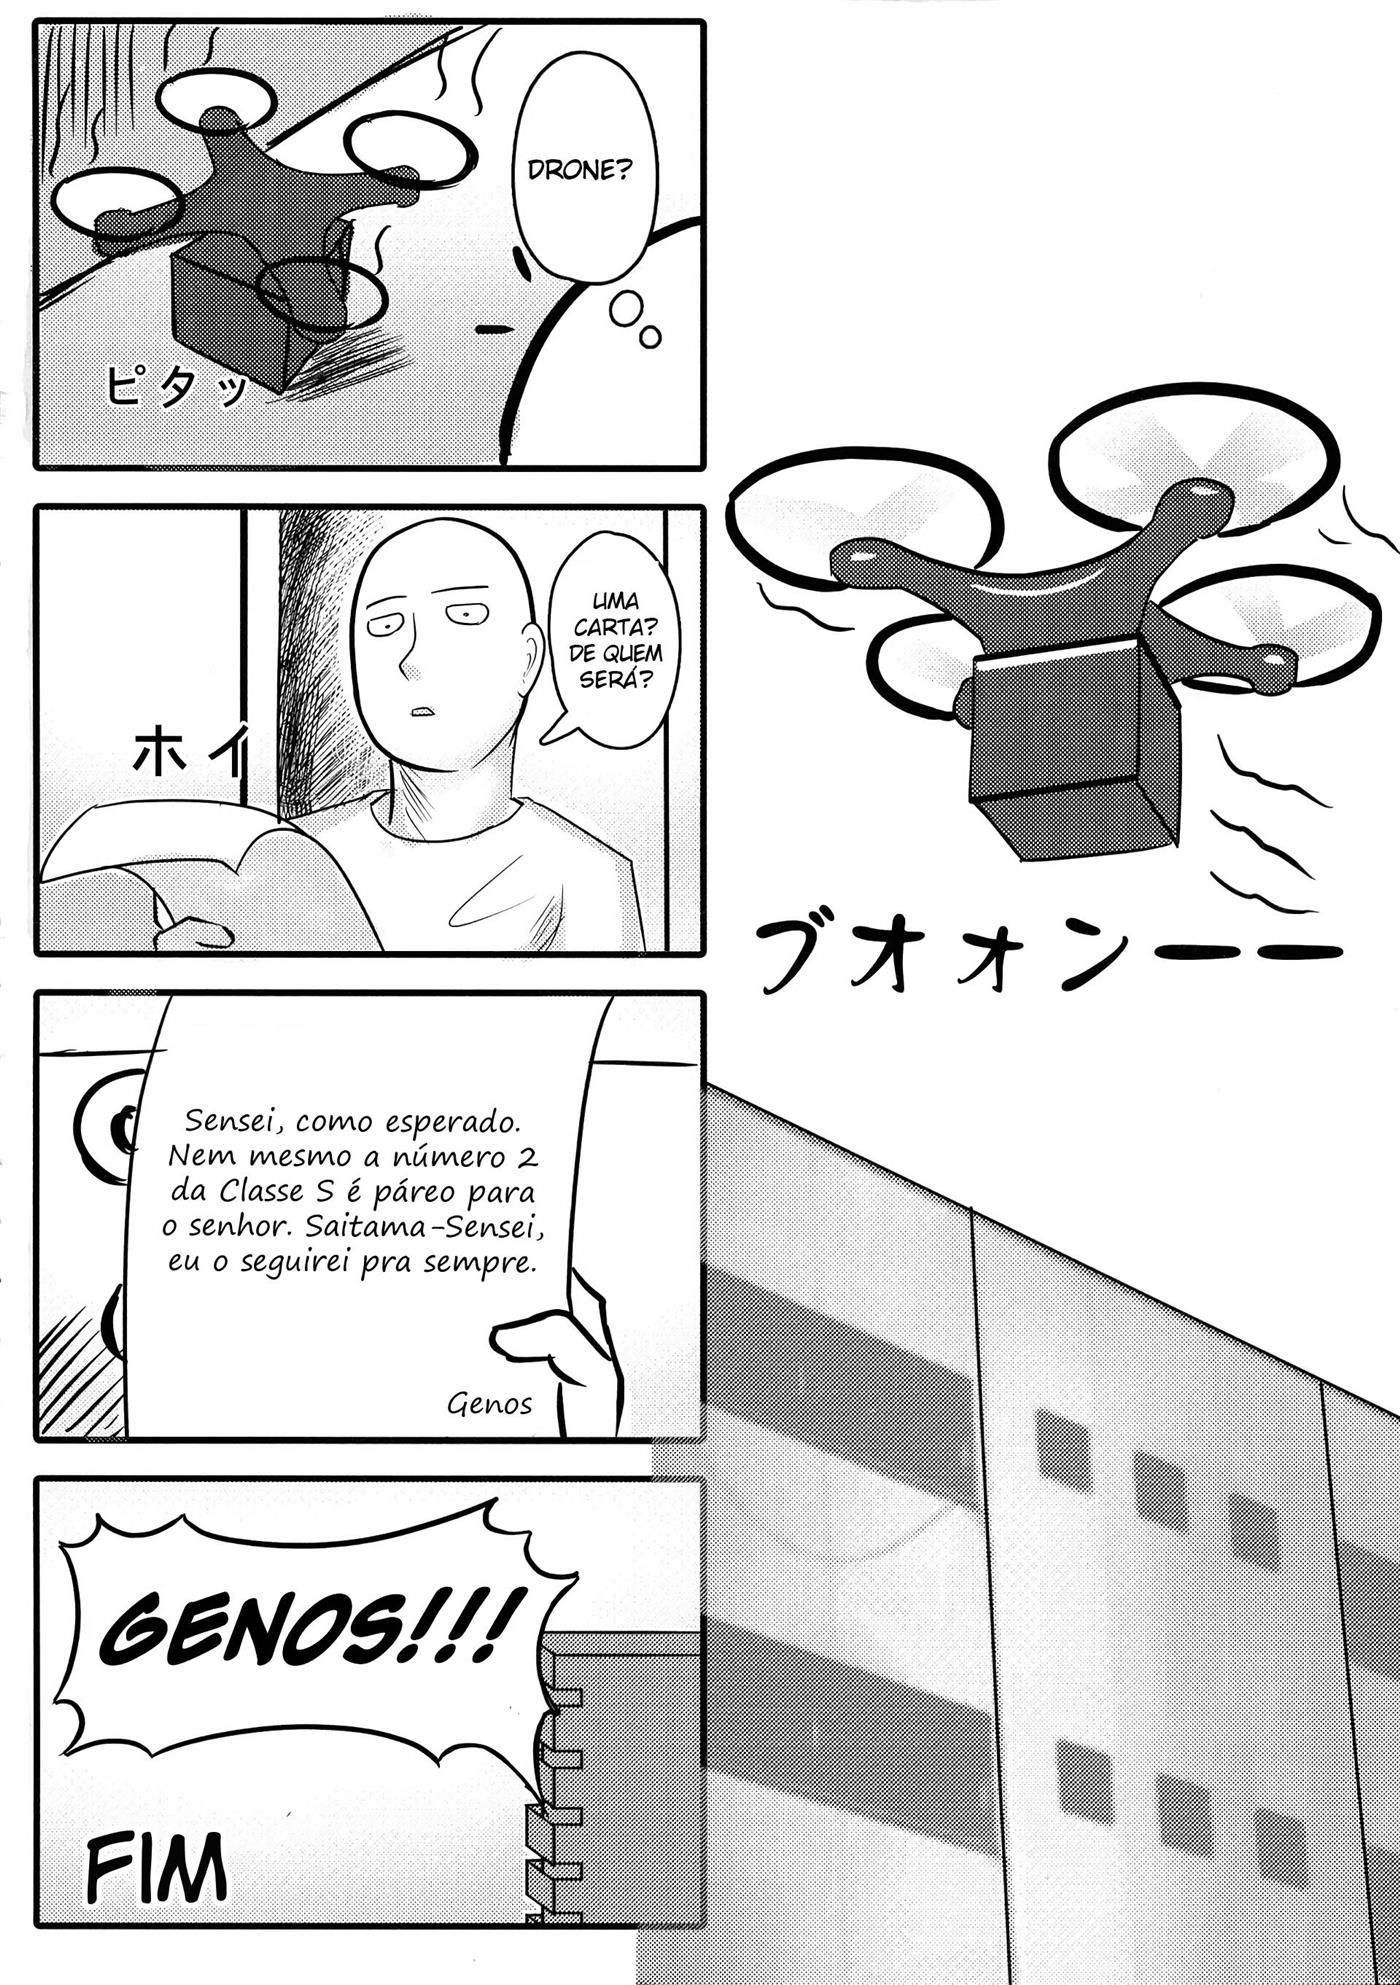 Fantasias eróticas do Saitama - Foto 25